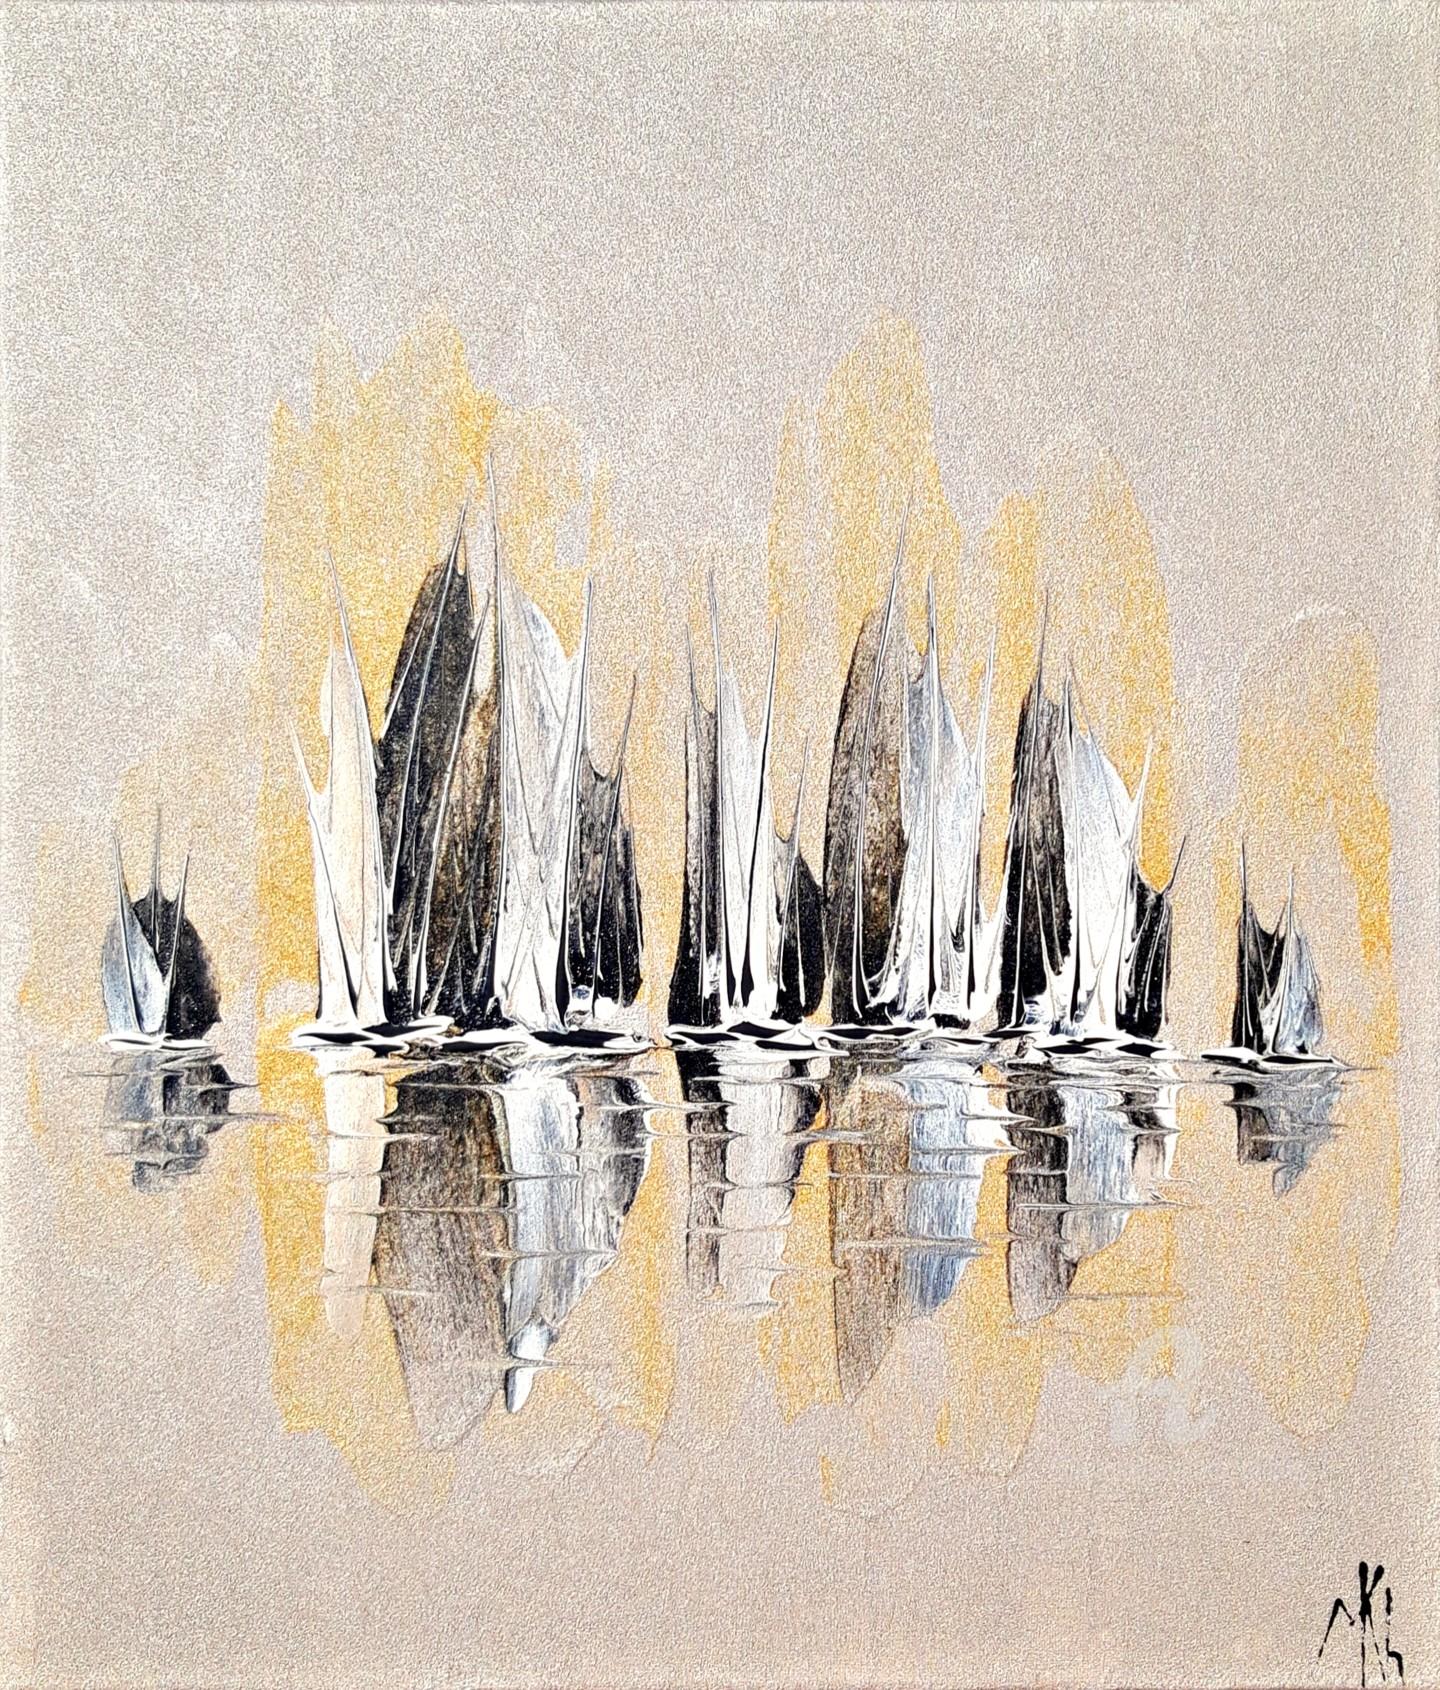 Mikha - Before the regatta